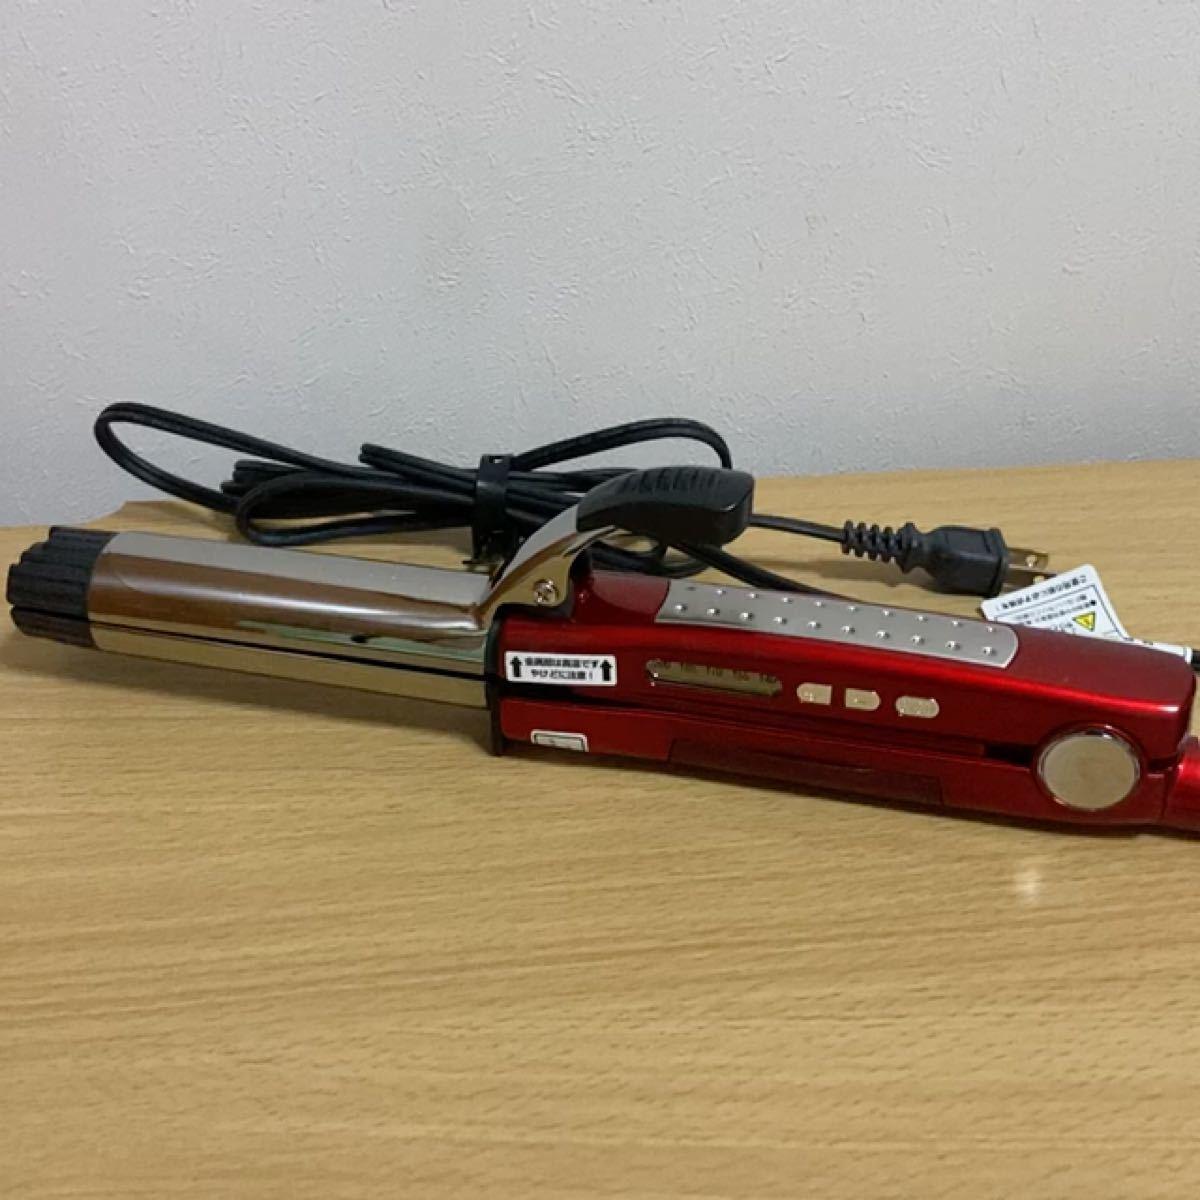 ヴィダルサスーン マジックシャイン VSS-8000/RJ スチーム2WAYヘアアイロン 32mm